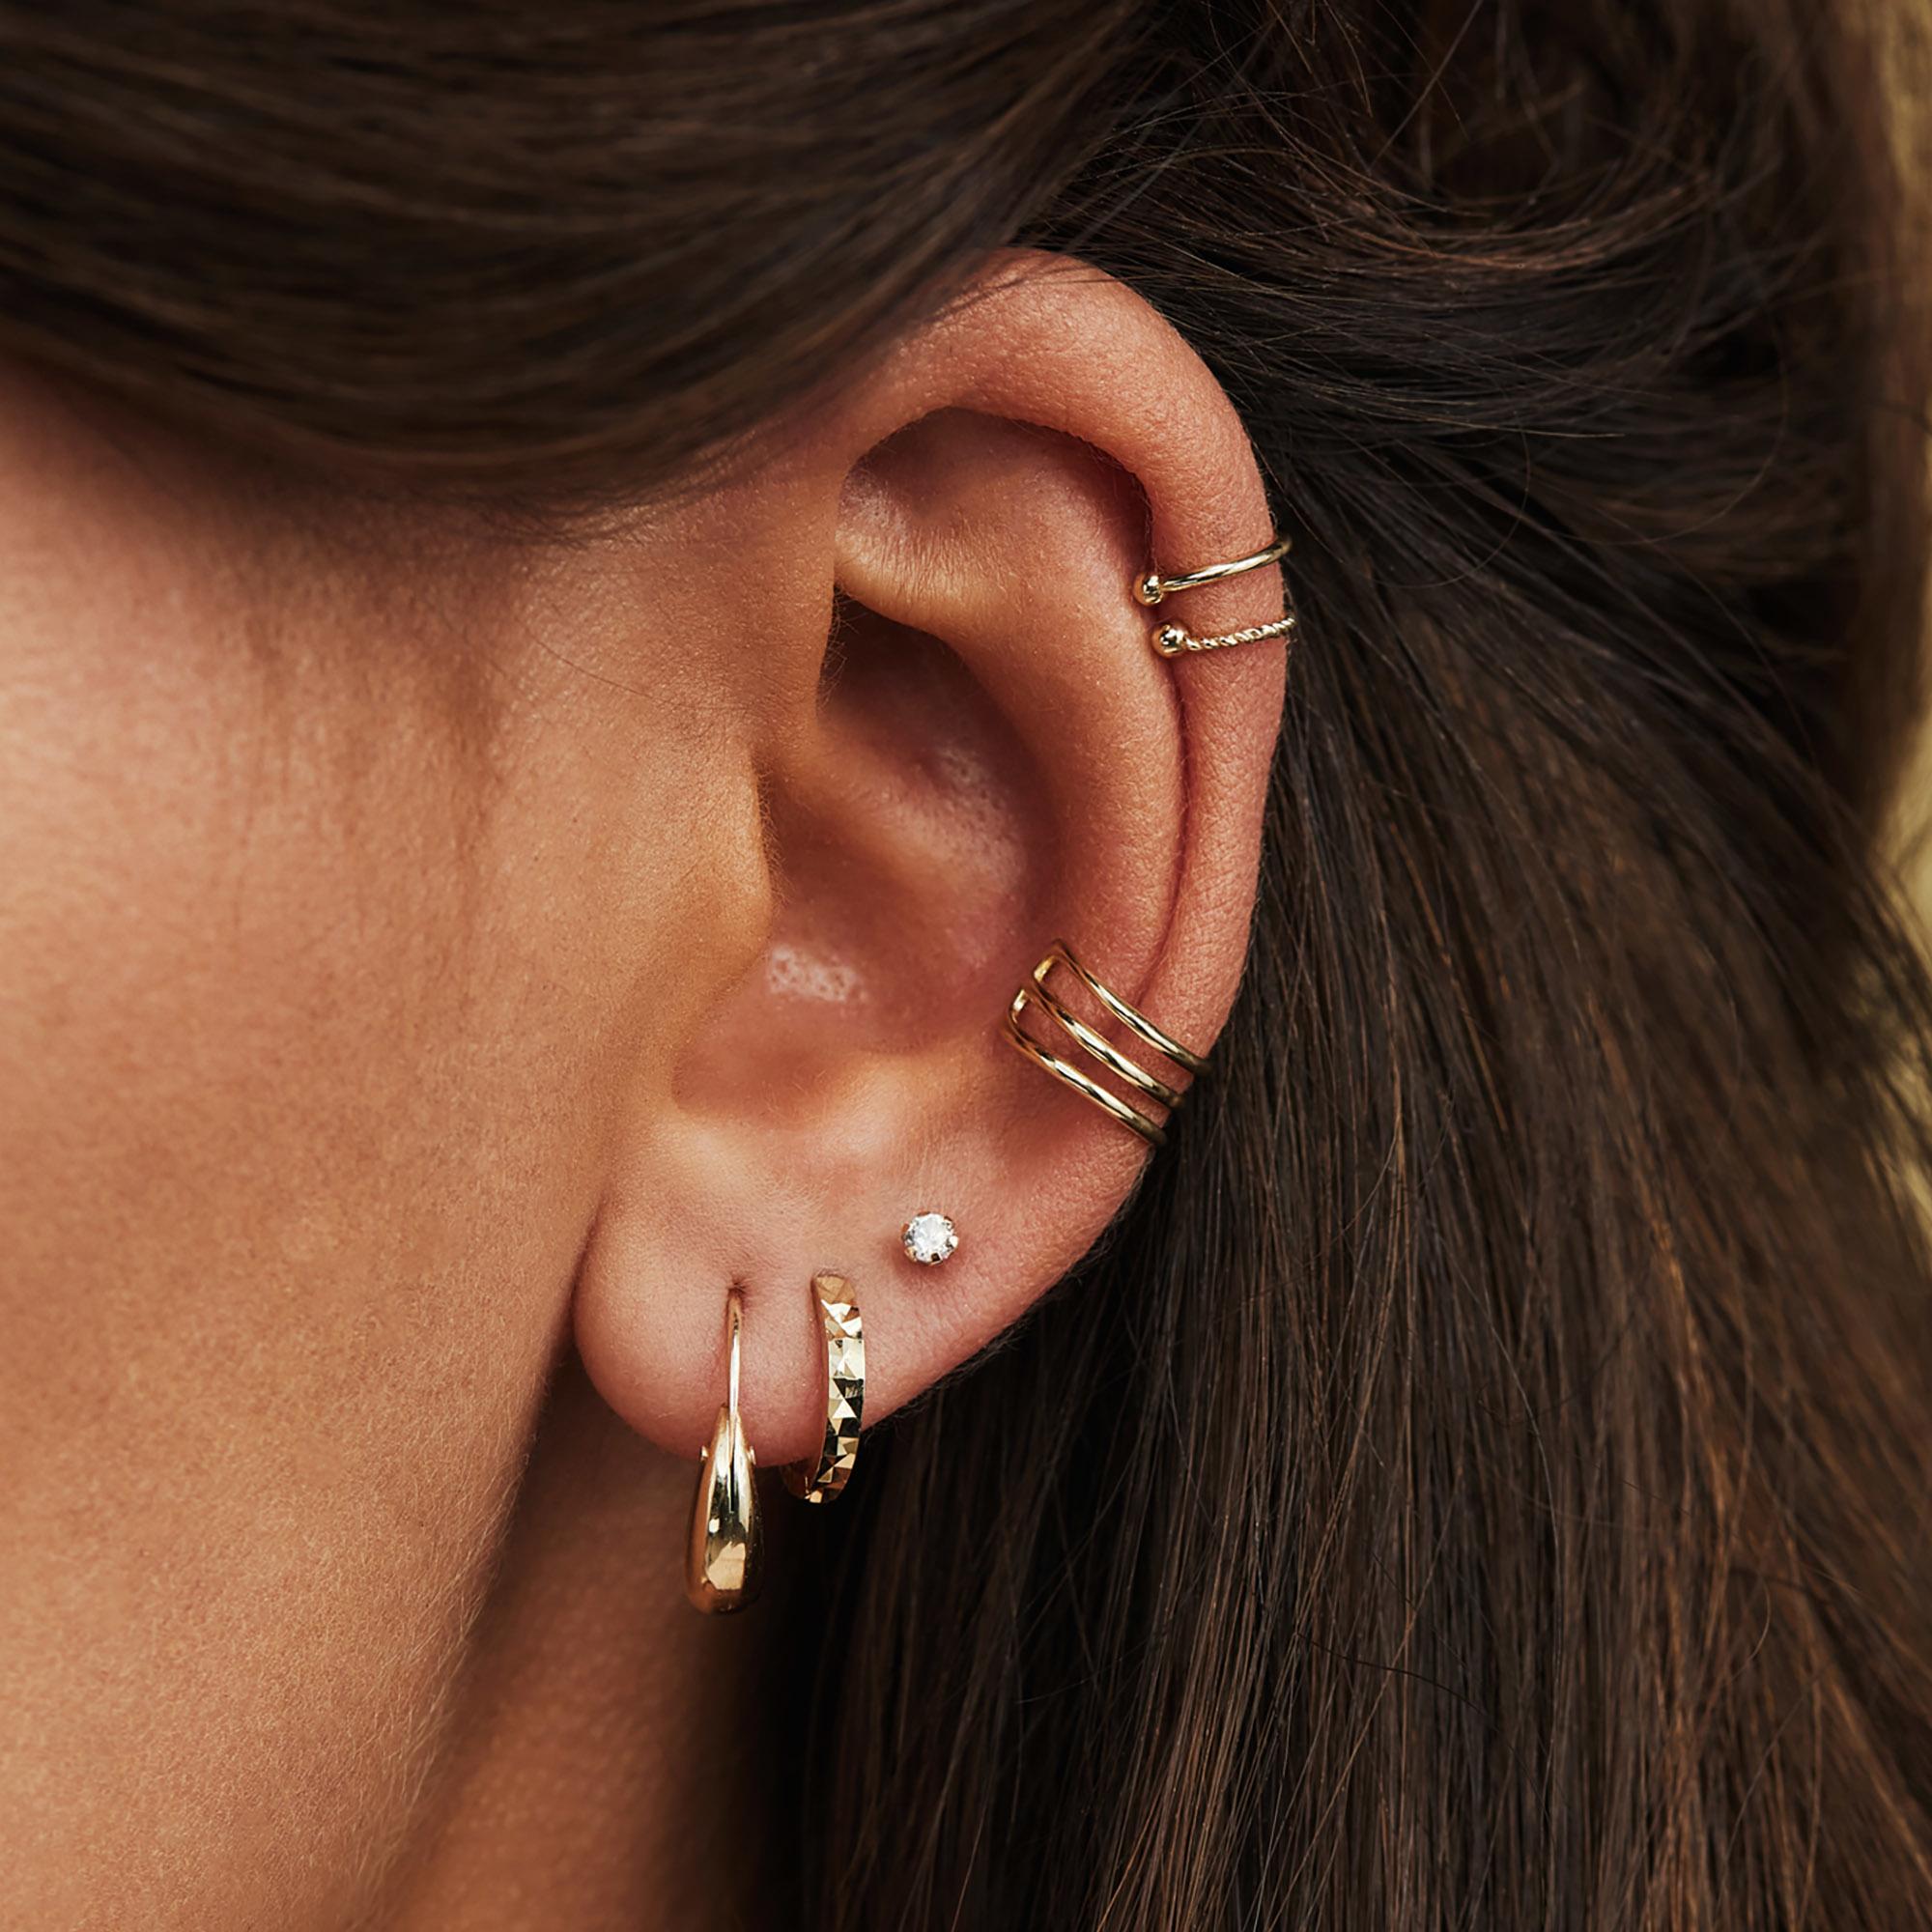 Isabel Bernard Rivoli Laure 14 carat gold earrings